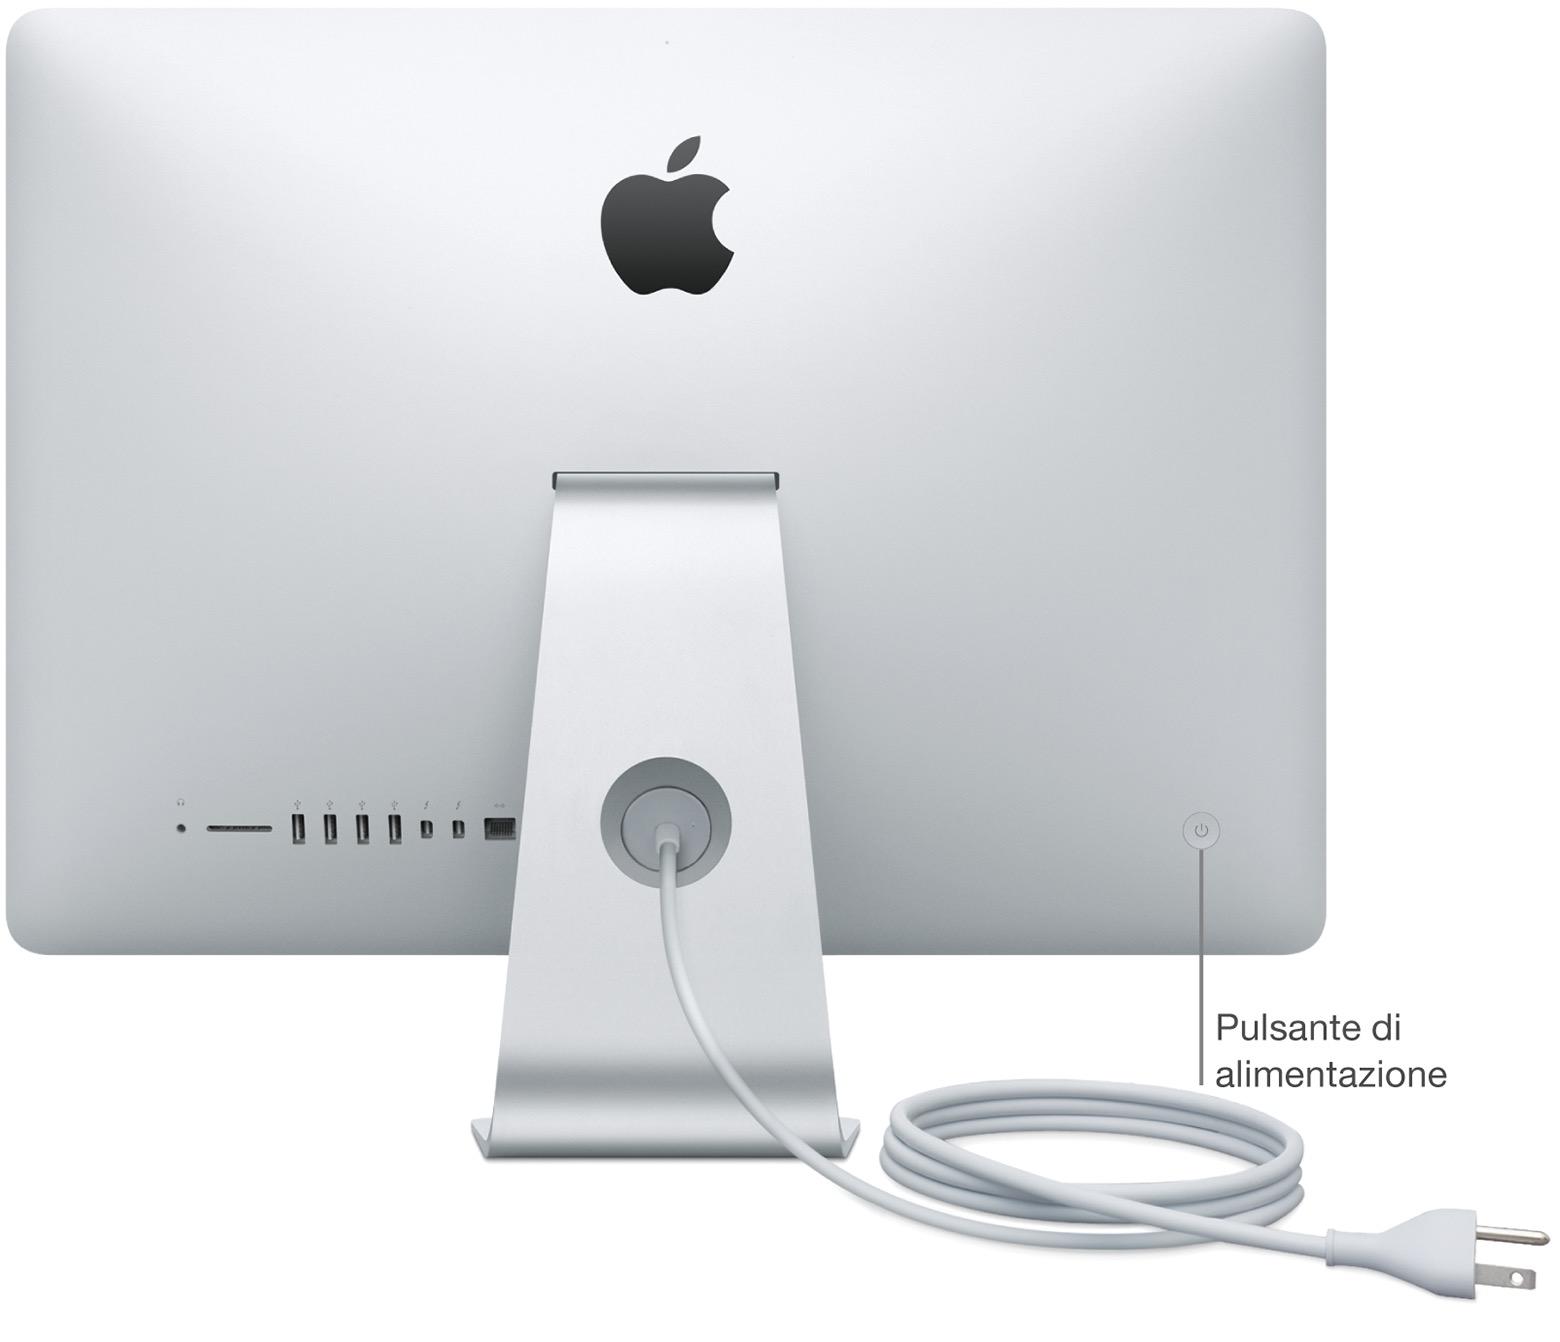 Come accendere o spegnere il Mac - Supporto Apple